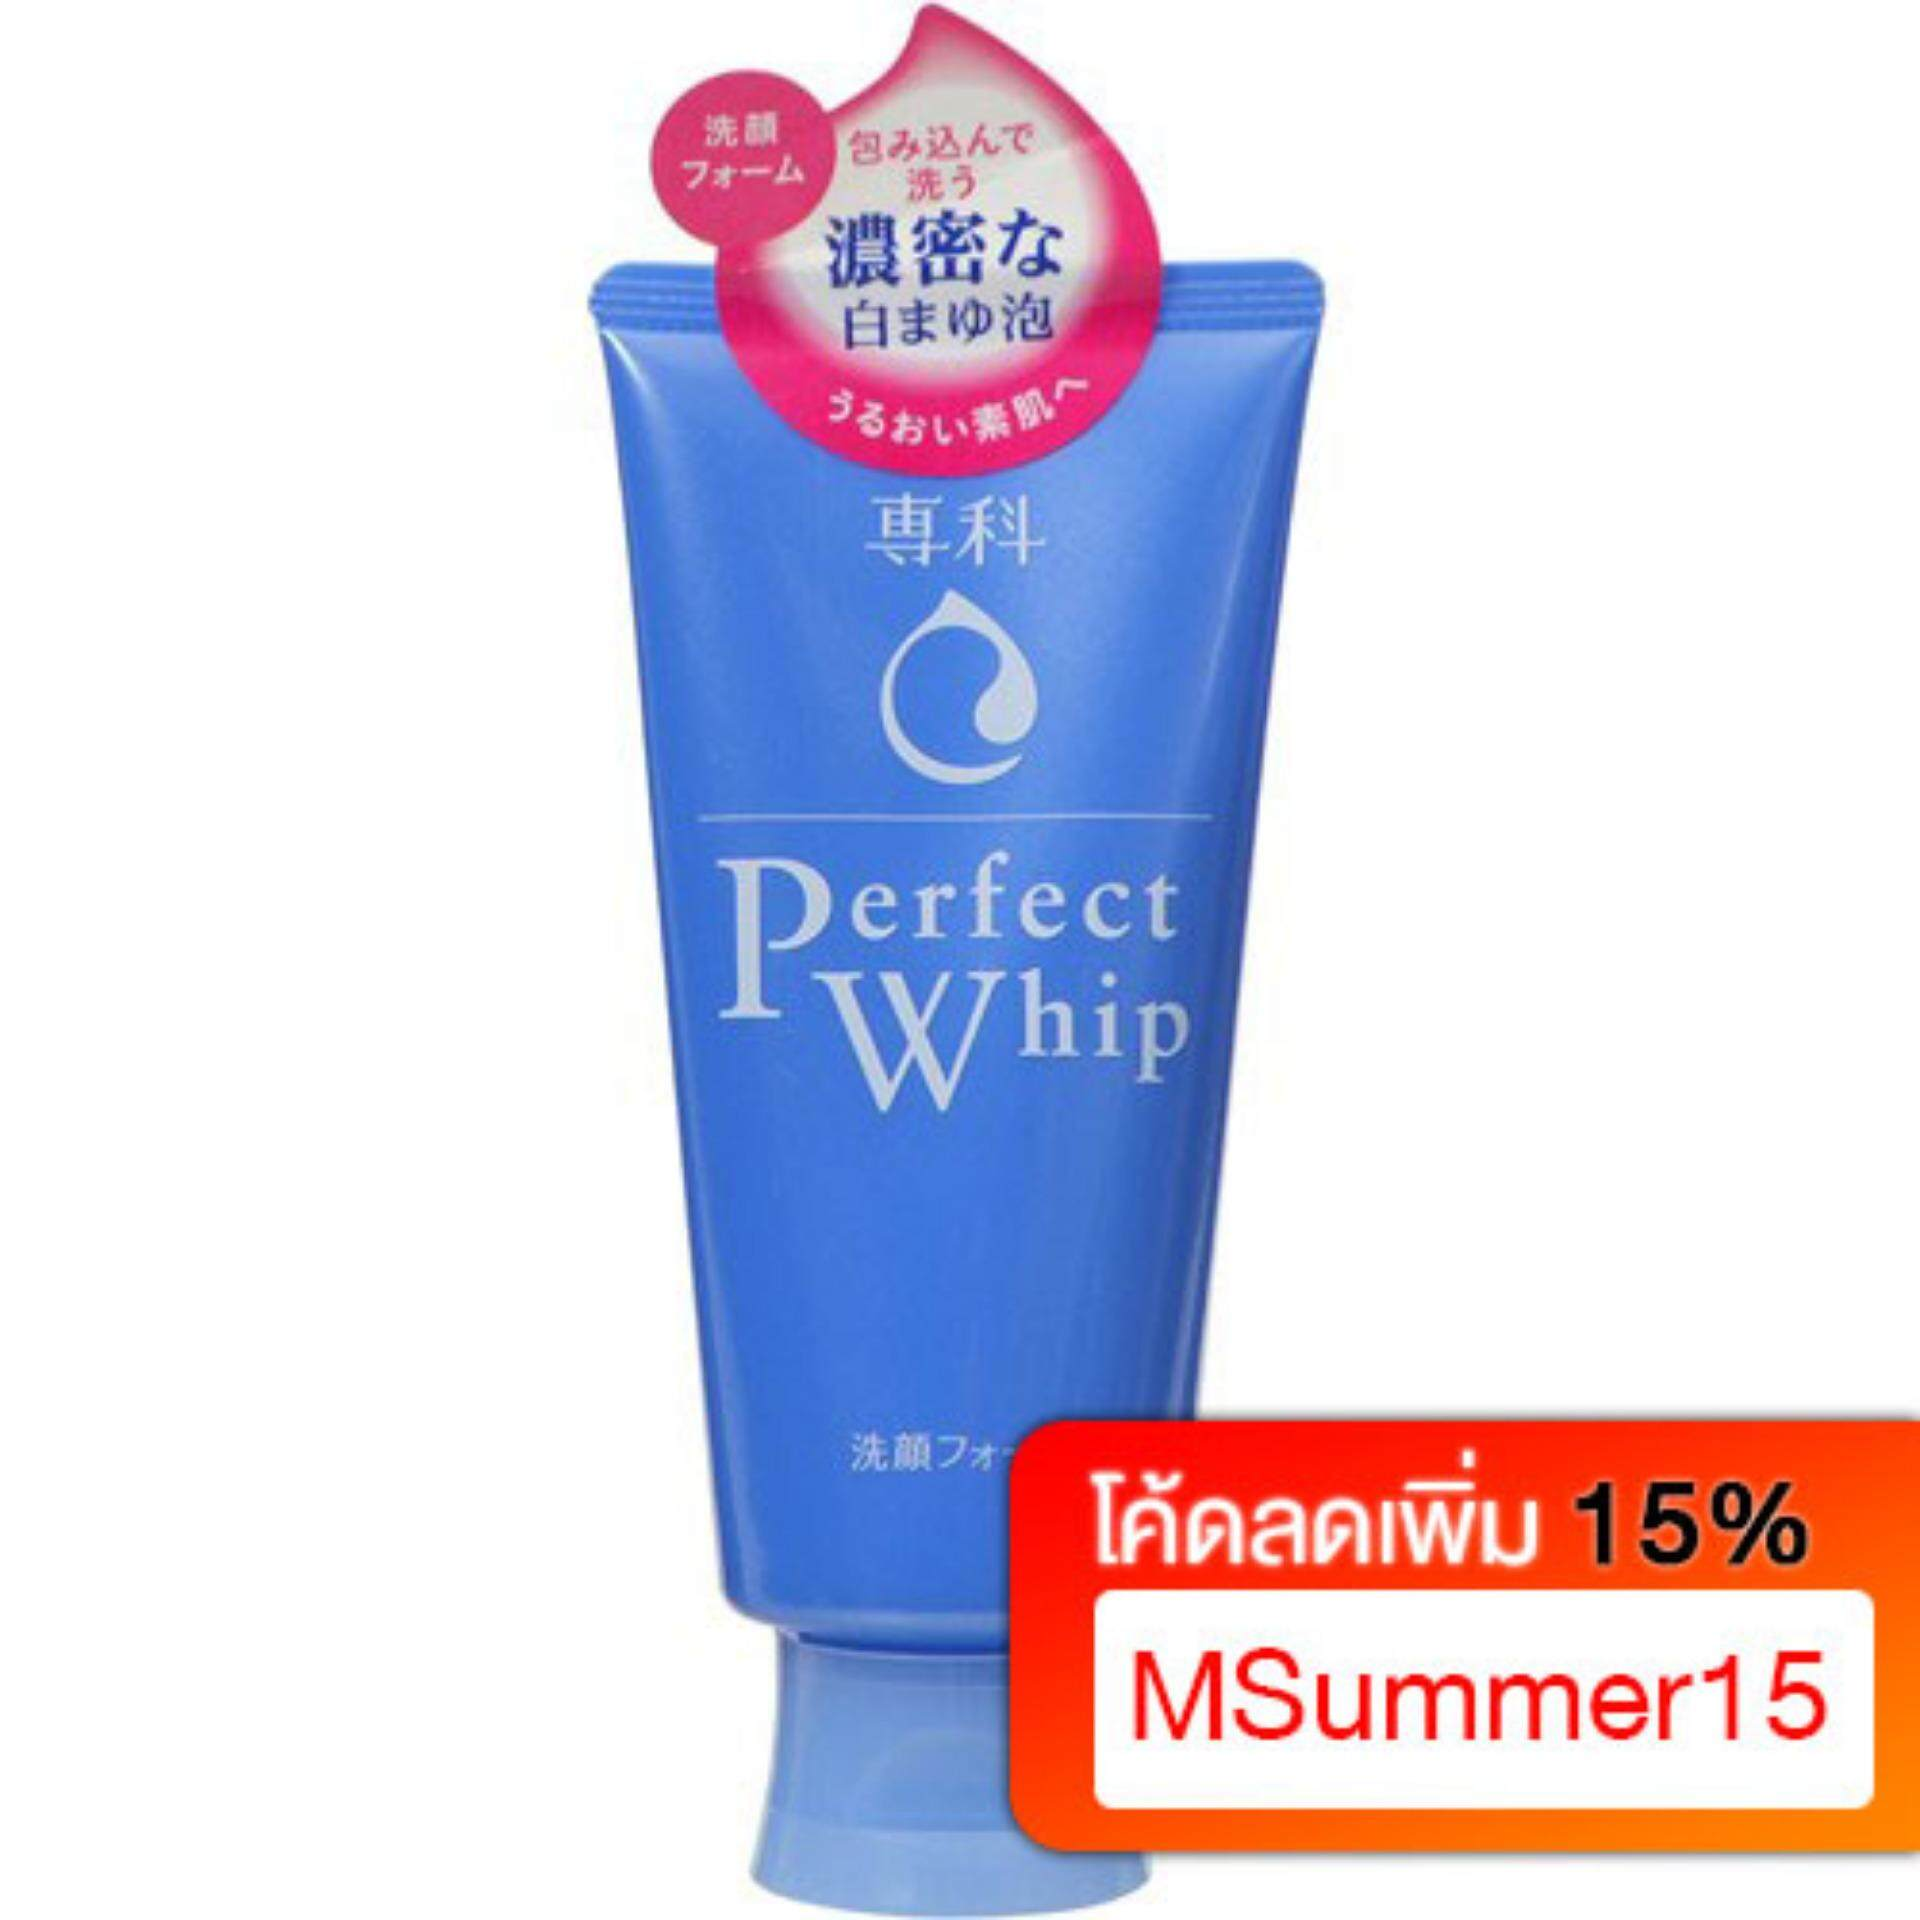 ซื้อ Shiseido Perfect Whip Foam ของแท้จากญี่ปุ่น โฟมล้างหน้า 120G ออนไลน์